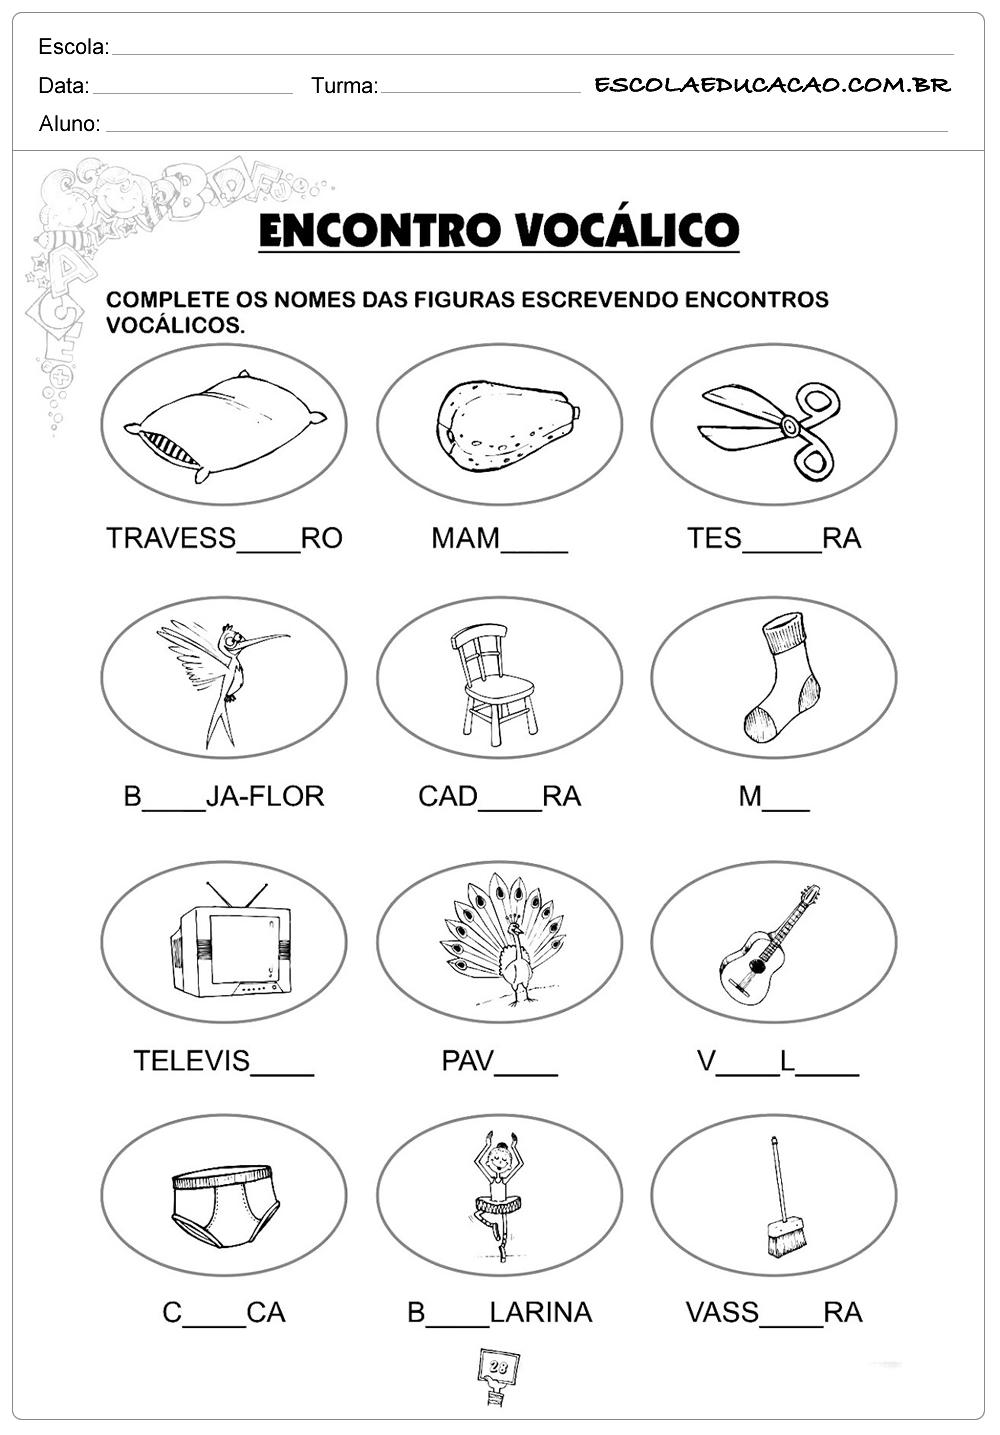 Atividades de Português 3º ano – Encontro vocálico 2